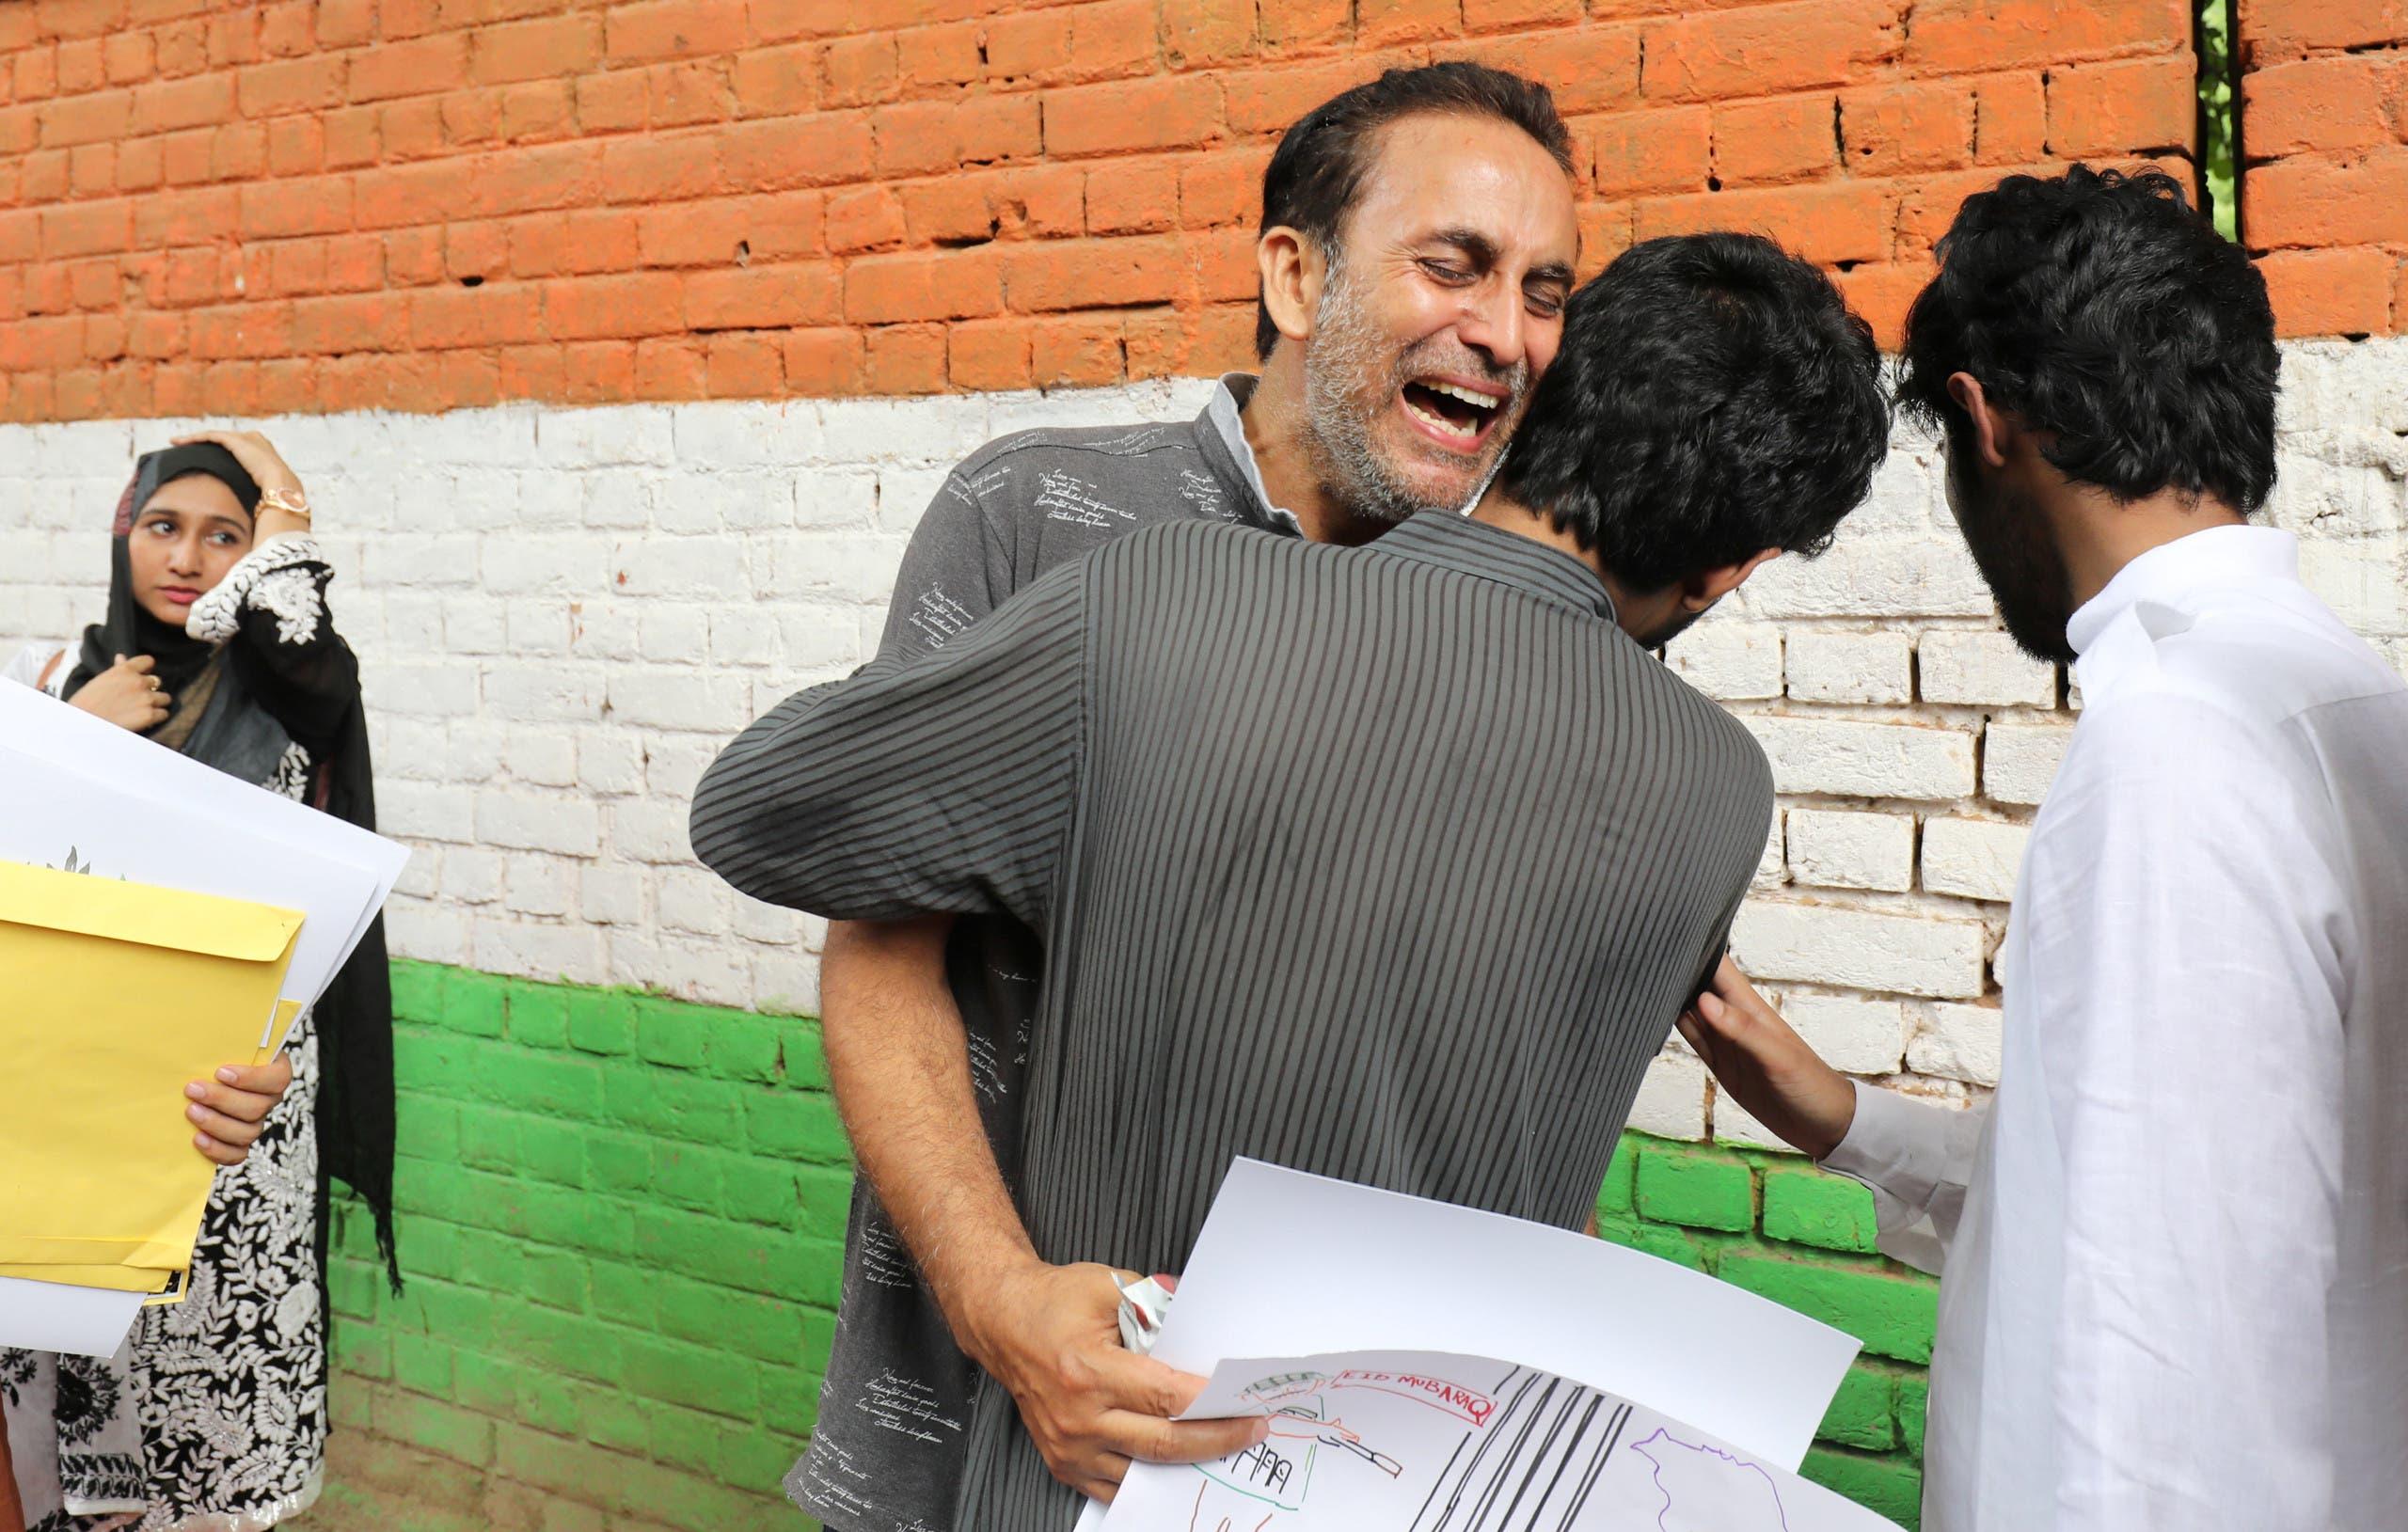 رجل من كشمير يبكي خلال تجمع في نيودلهي لسكان كشمير